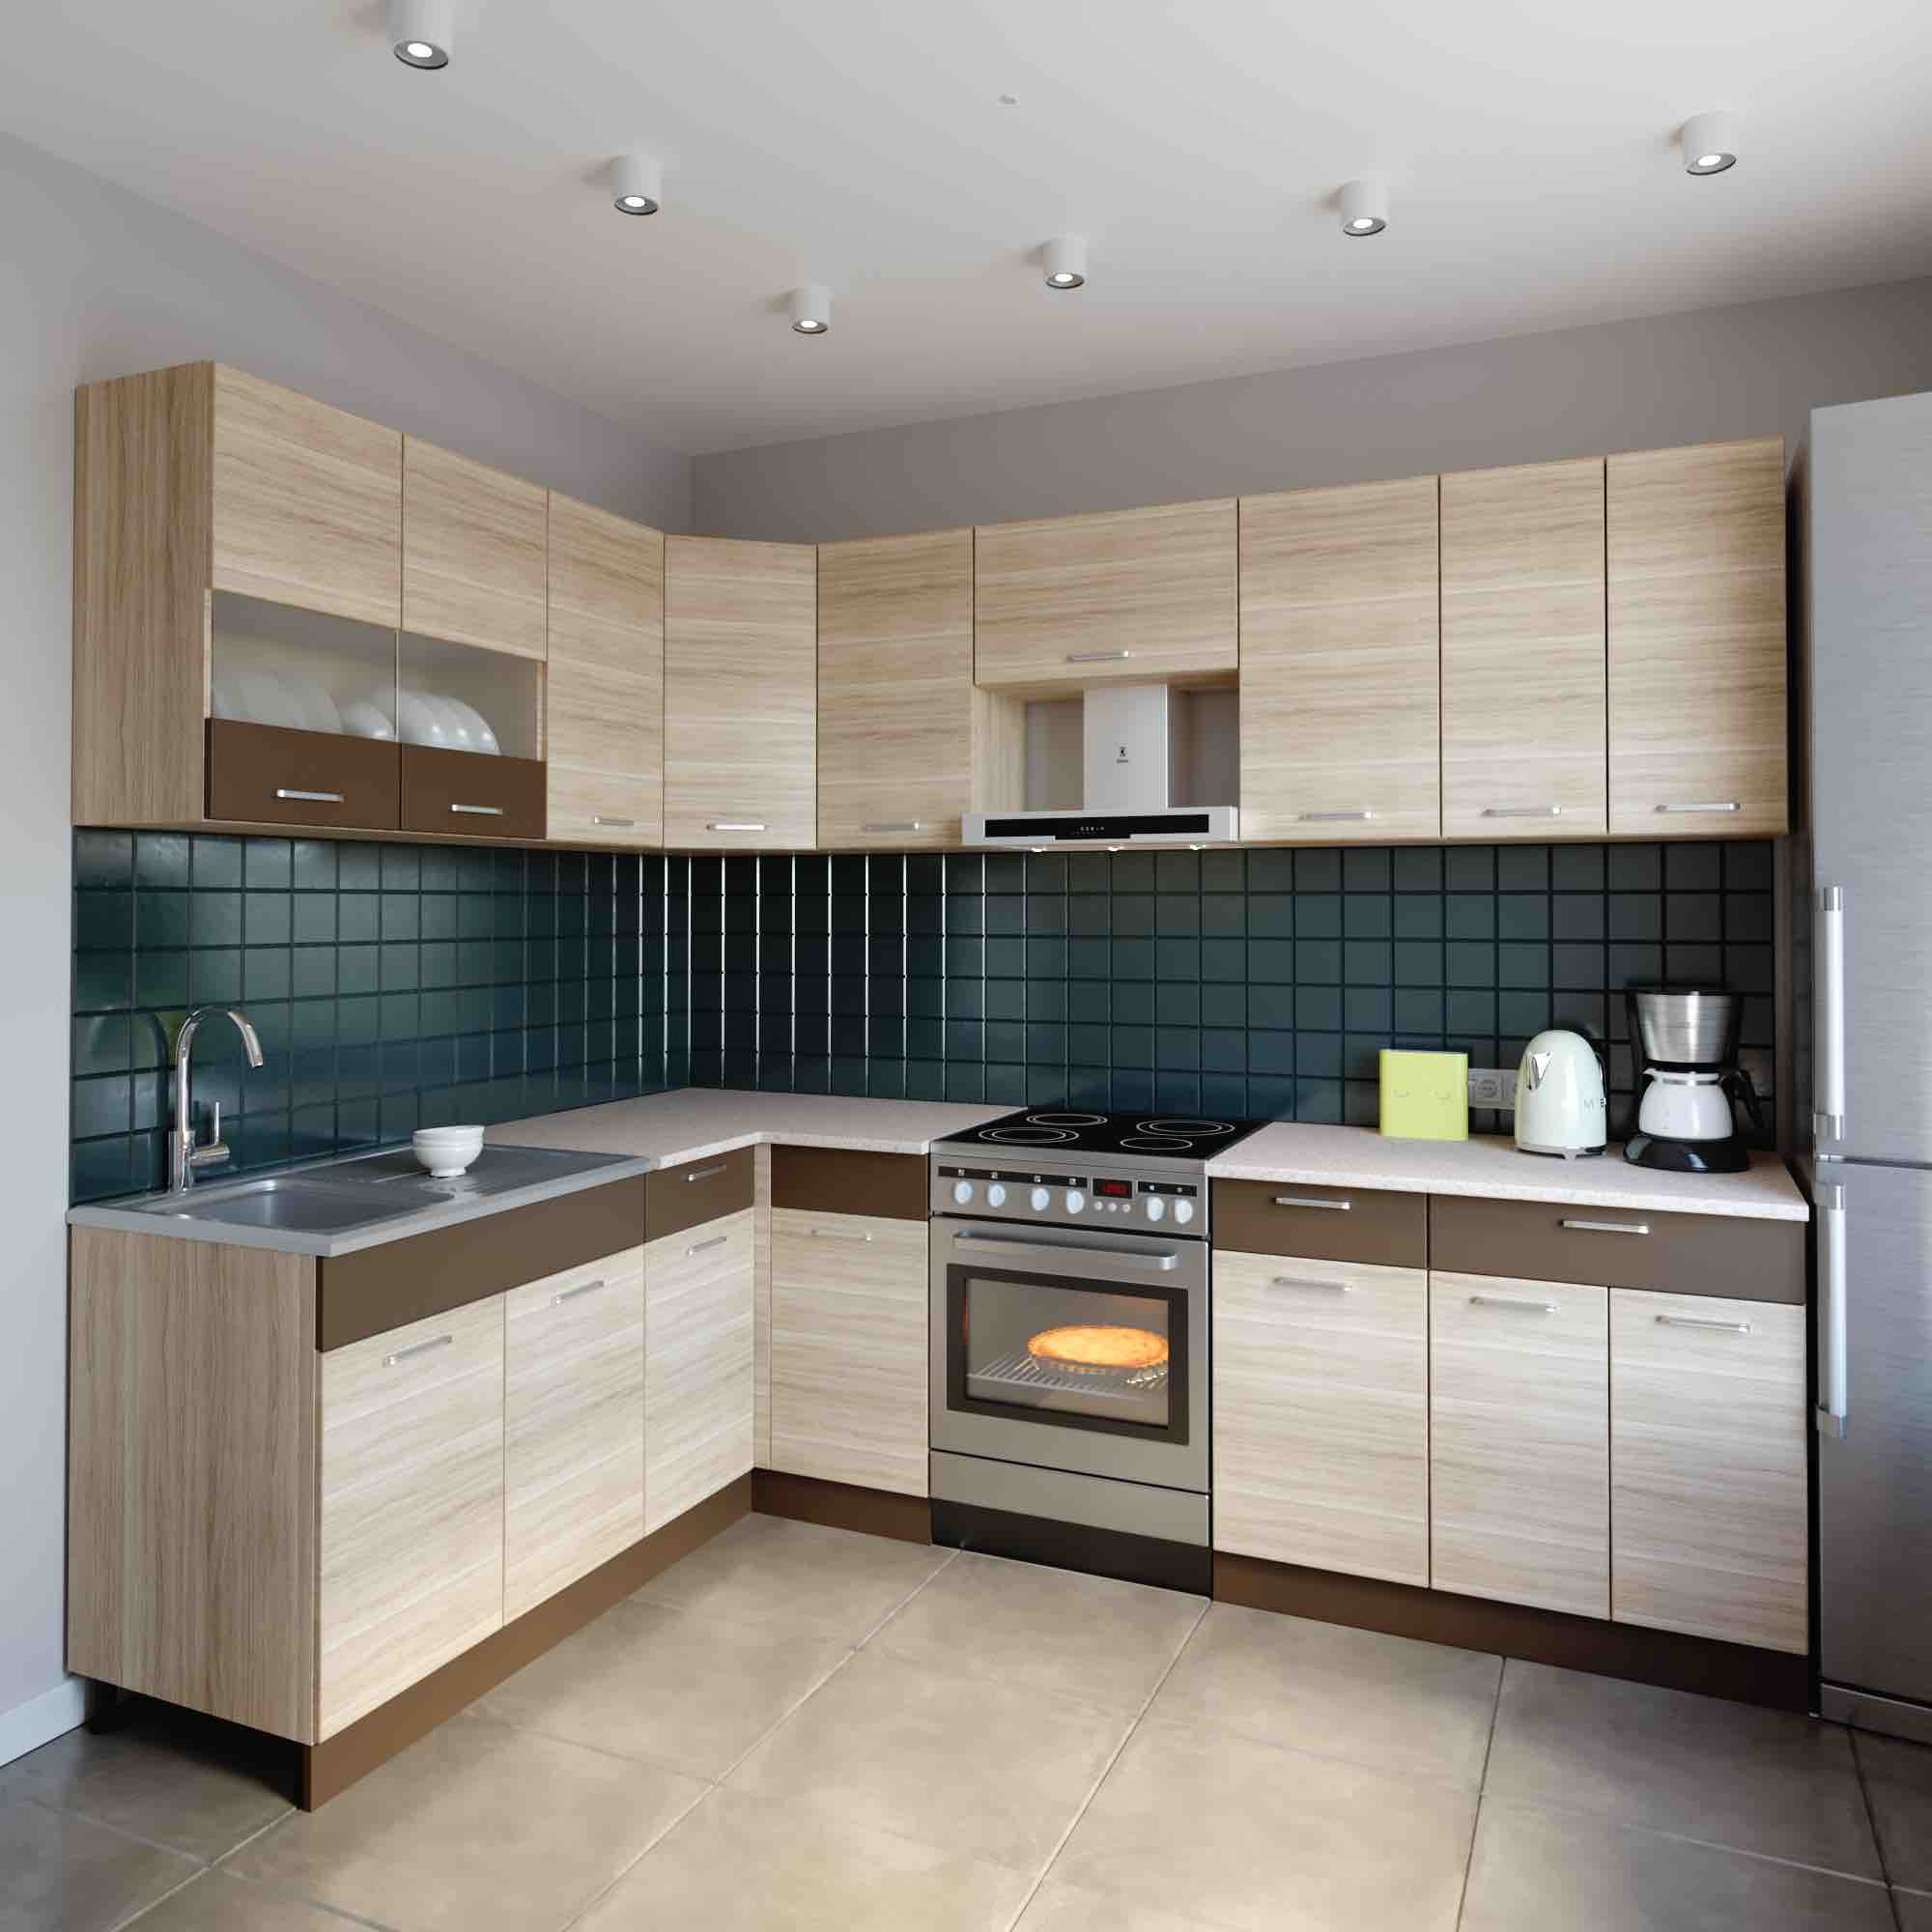 Küchenzeile L Form | Küchenzeile Küche Winkelküche L Form Küche ...